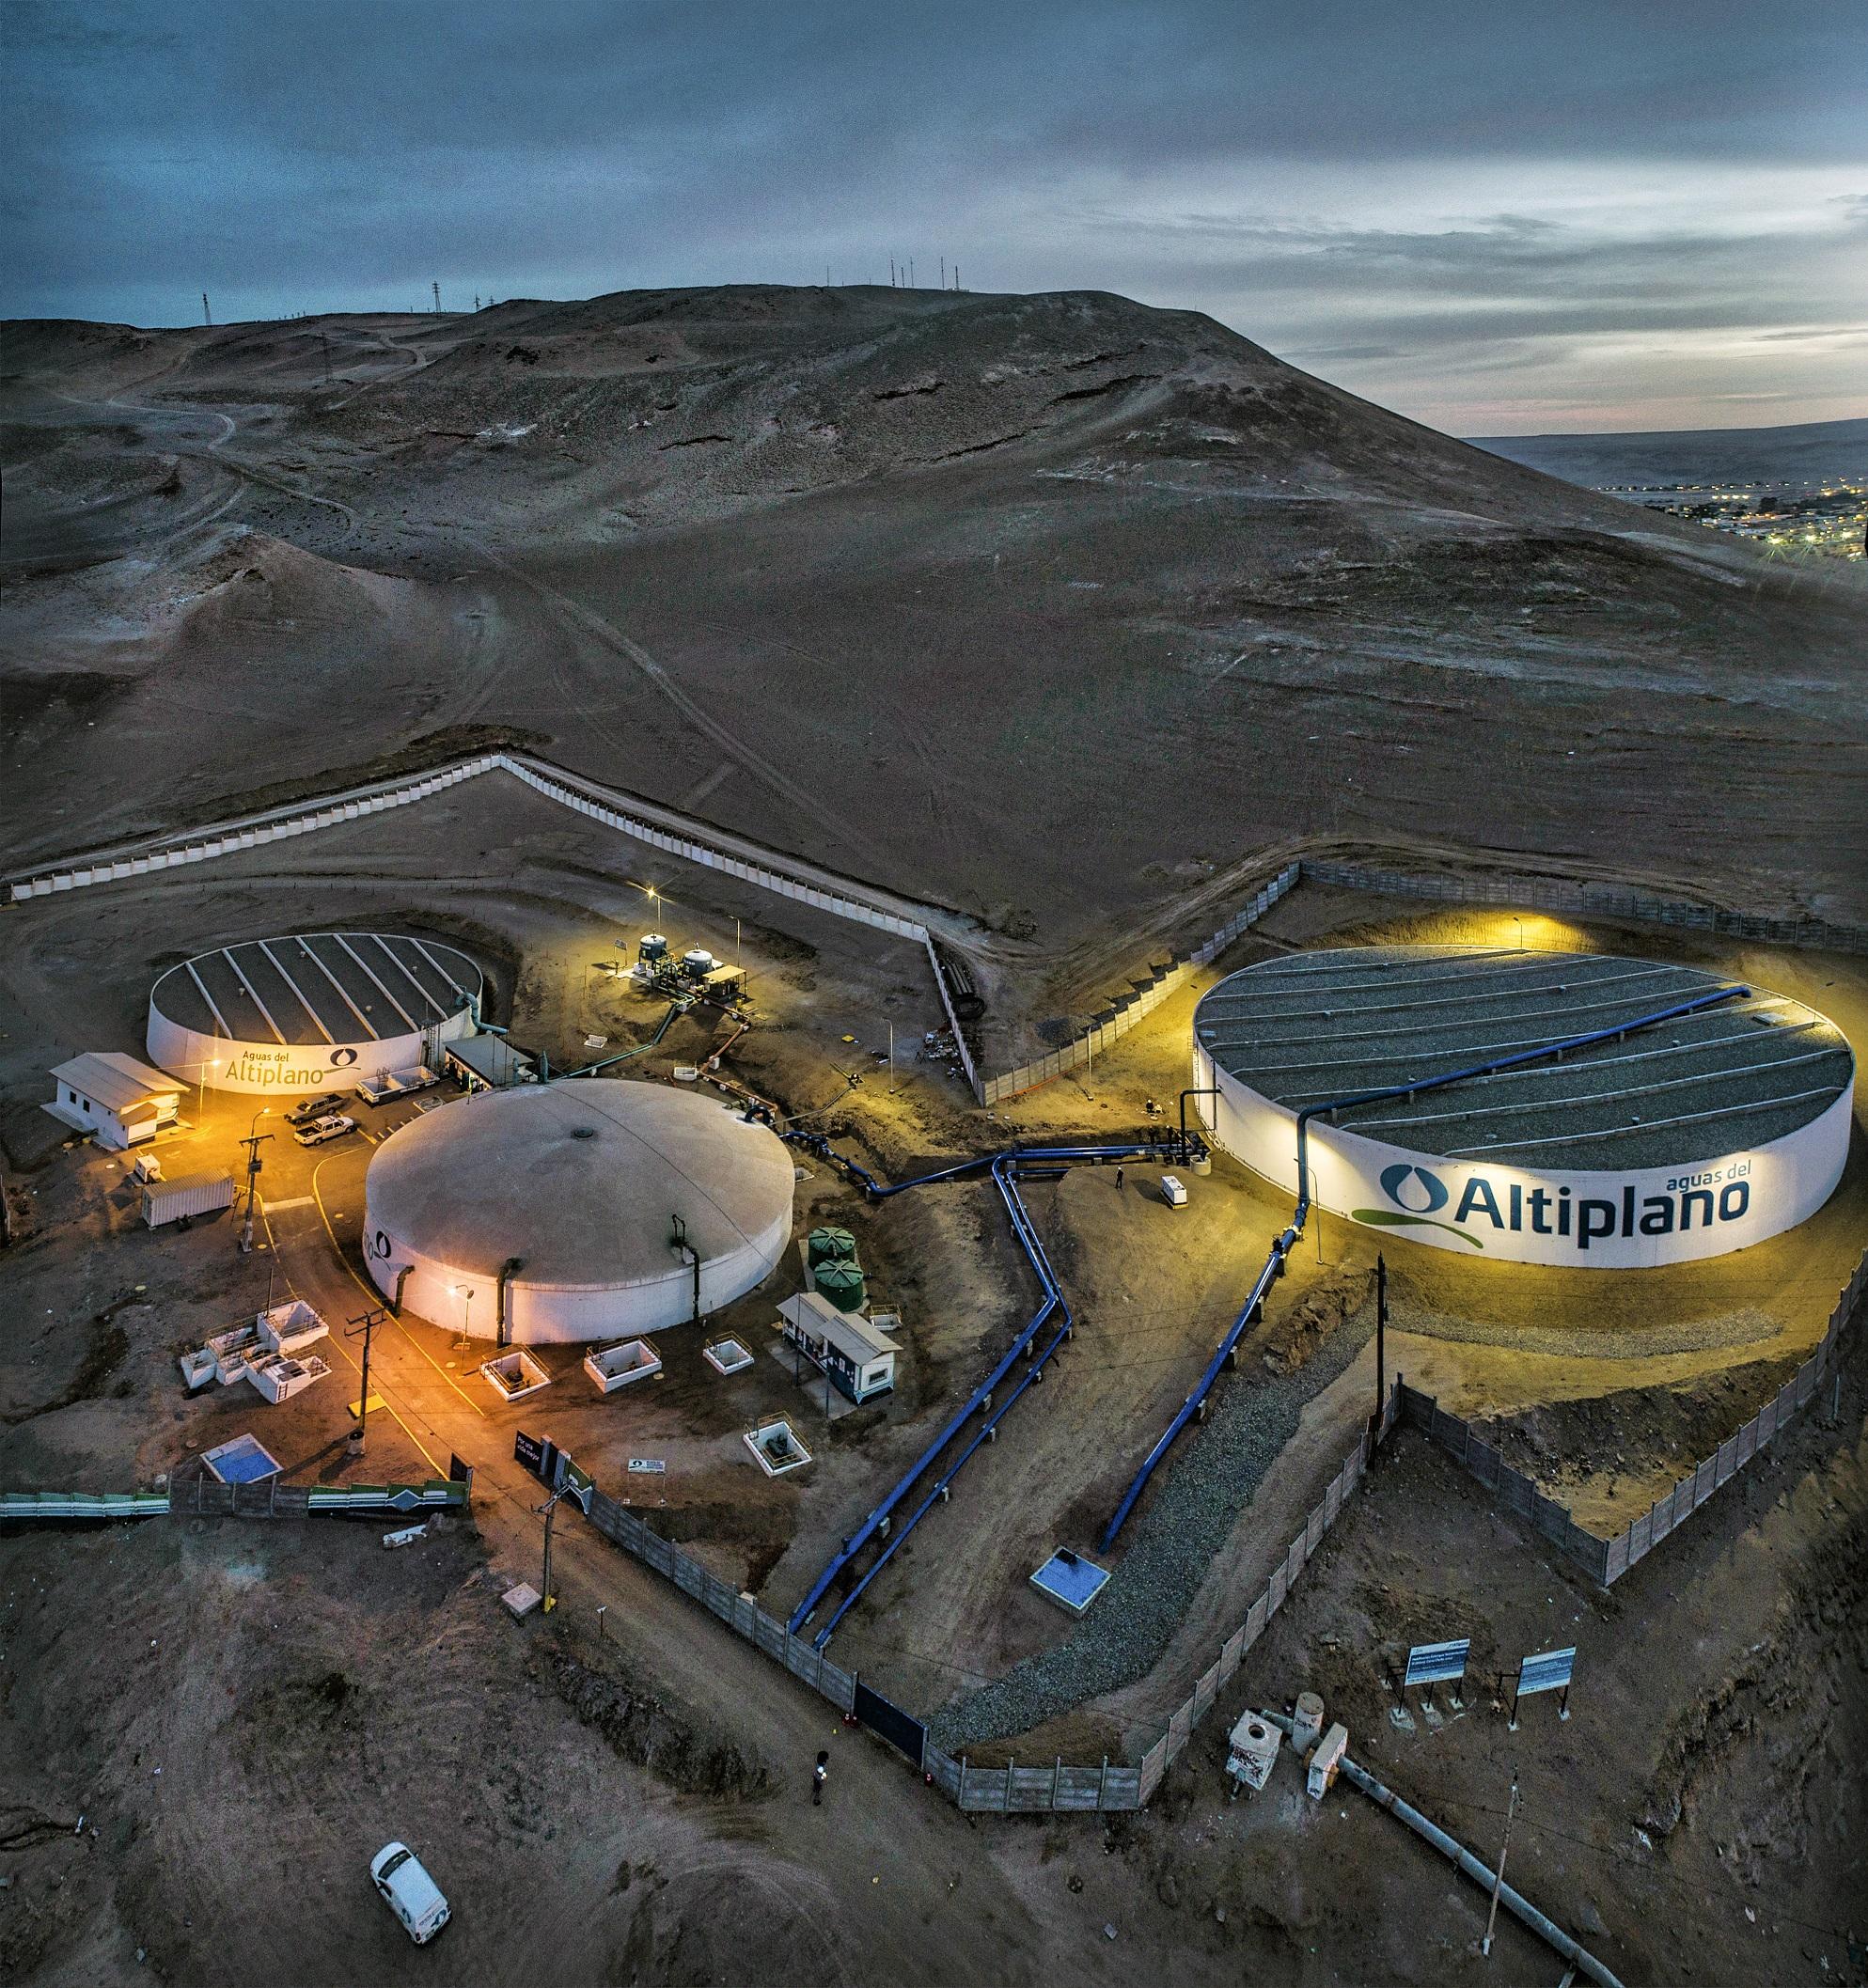 Estado chileno sería bienvenido a participar en proyectos de desalinización